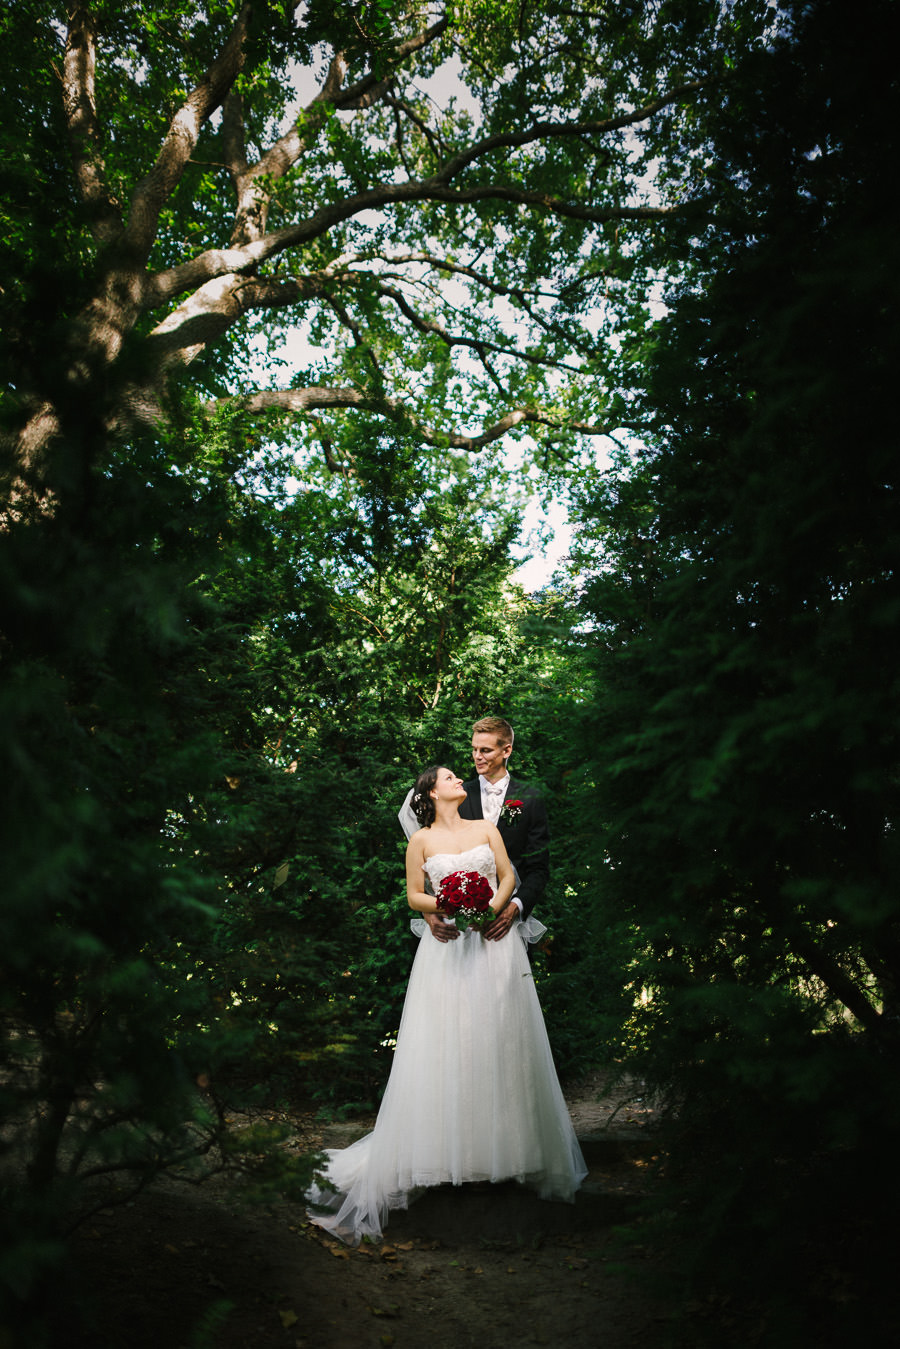 Fotograf  Göteborg. Bröllopsfoto i Botaniska - porträtt på brudpar